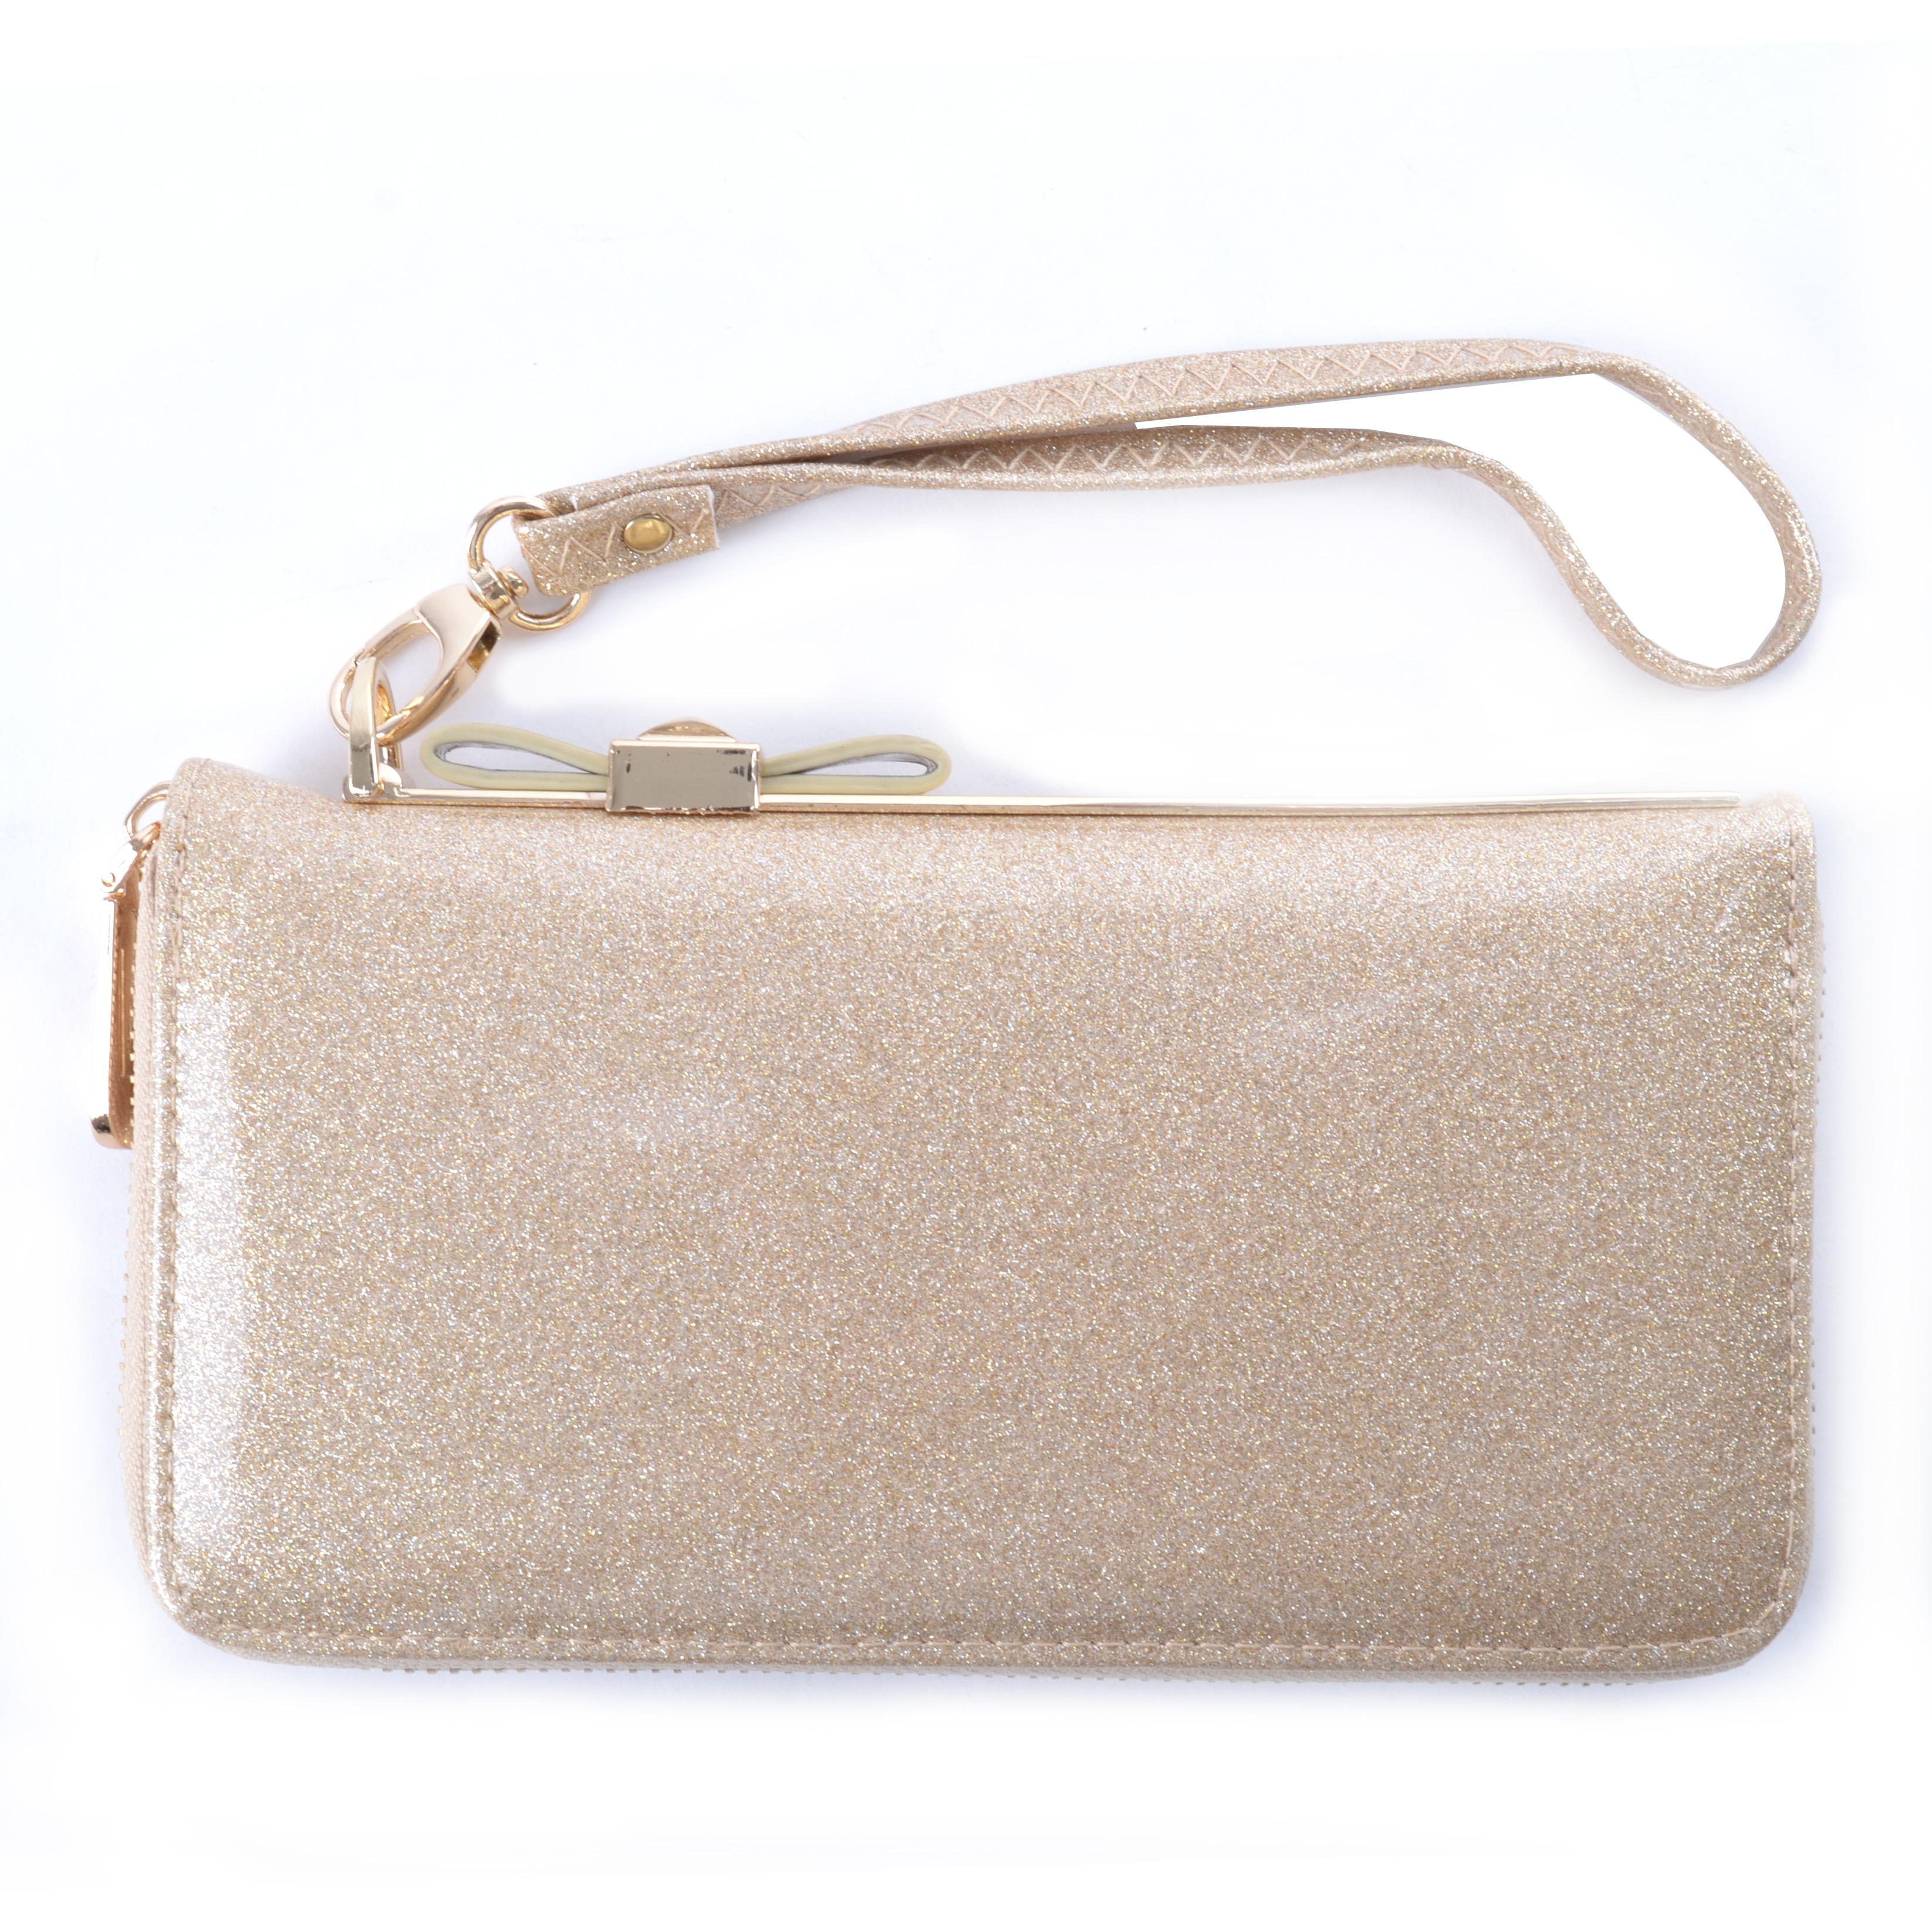 Női Lakk Pénztárca Arany - NŐI PÉNZTÁRCÁK - Táska webáruház - Minőségi  táskák mindenkinek fd0649743a